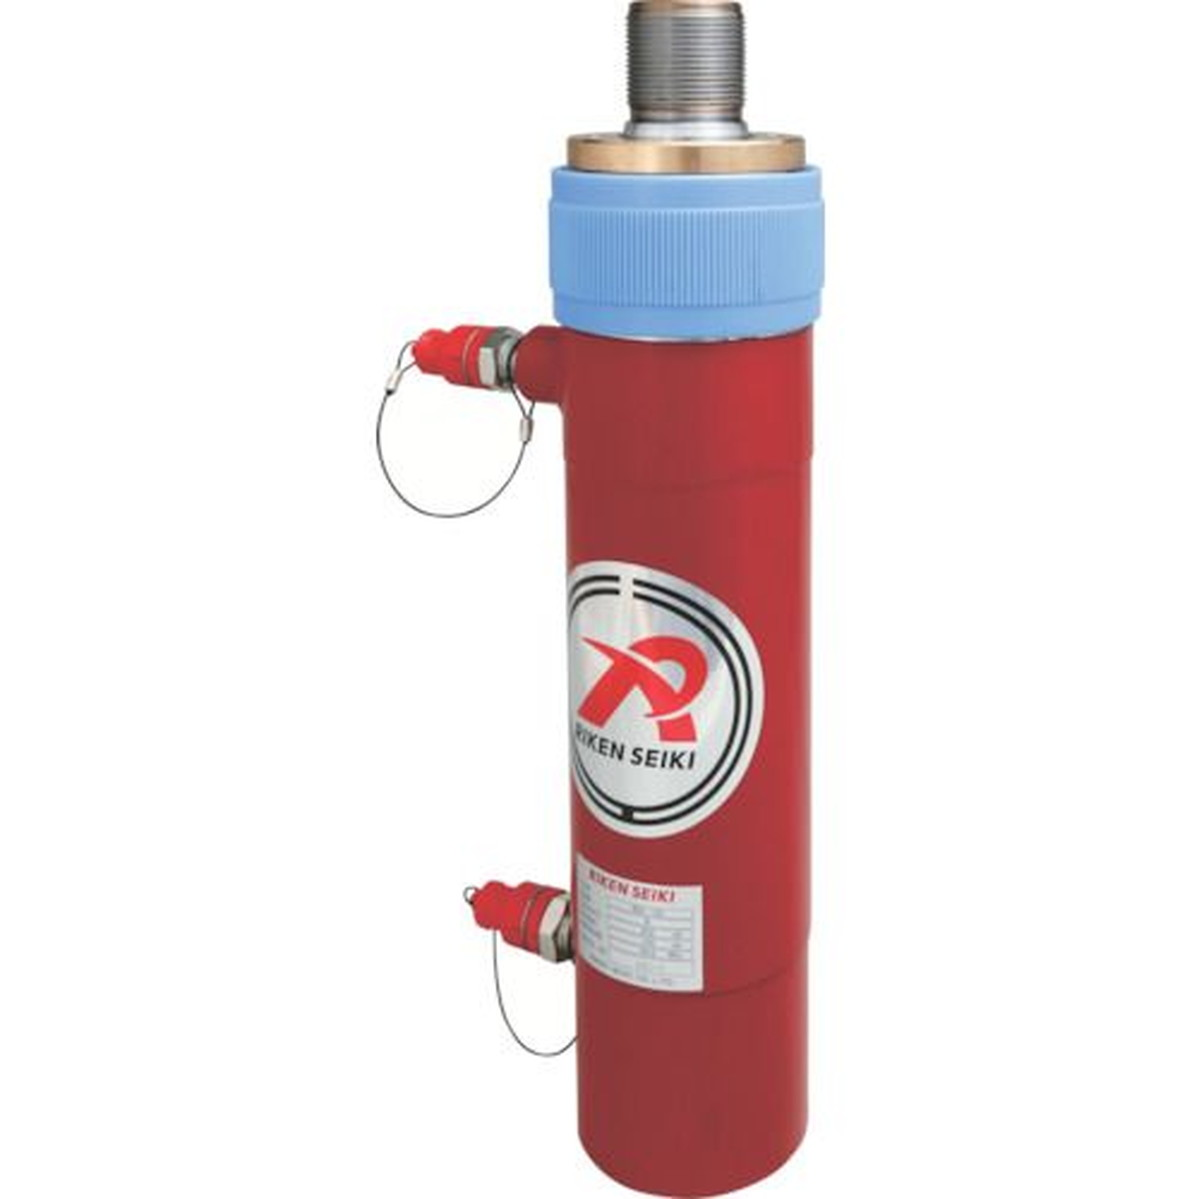 【メール便無料】 RIKEN 複動式油圧シリンダ- 1台, モカレ クロコダイル 長財布 e7dc2efb